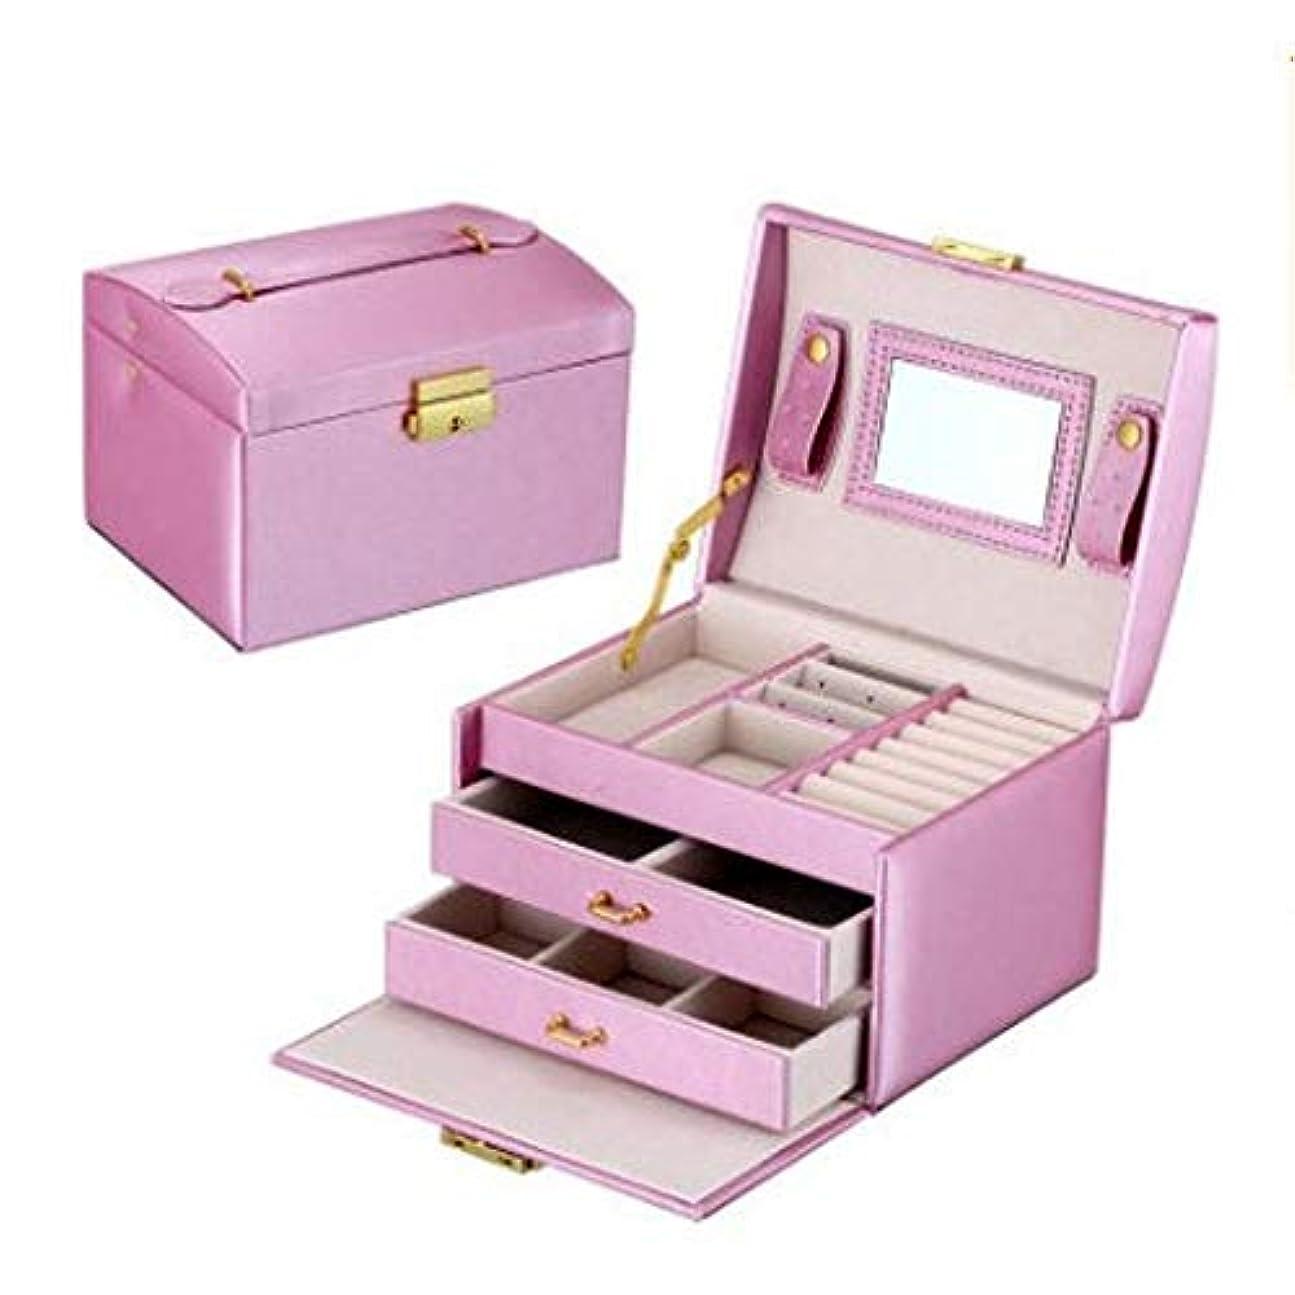 誘惑縫うはっきりしない特大スペース収納ビューティーボックス 大型人工皮革トラベルジュエリーボックス収納ボックスディスプレイリングイヤリングネックレス(5色オプション) 化粧品化粧台 (色 : Purple pink)